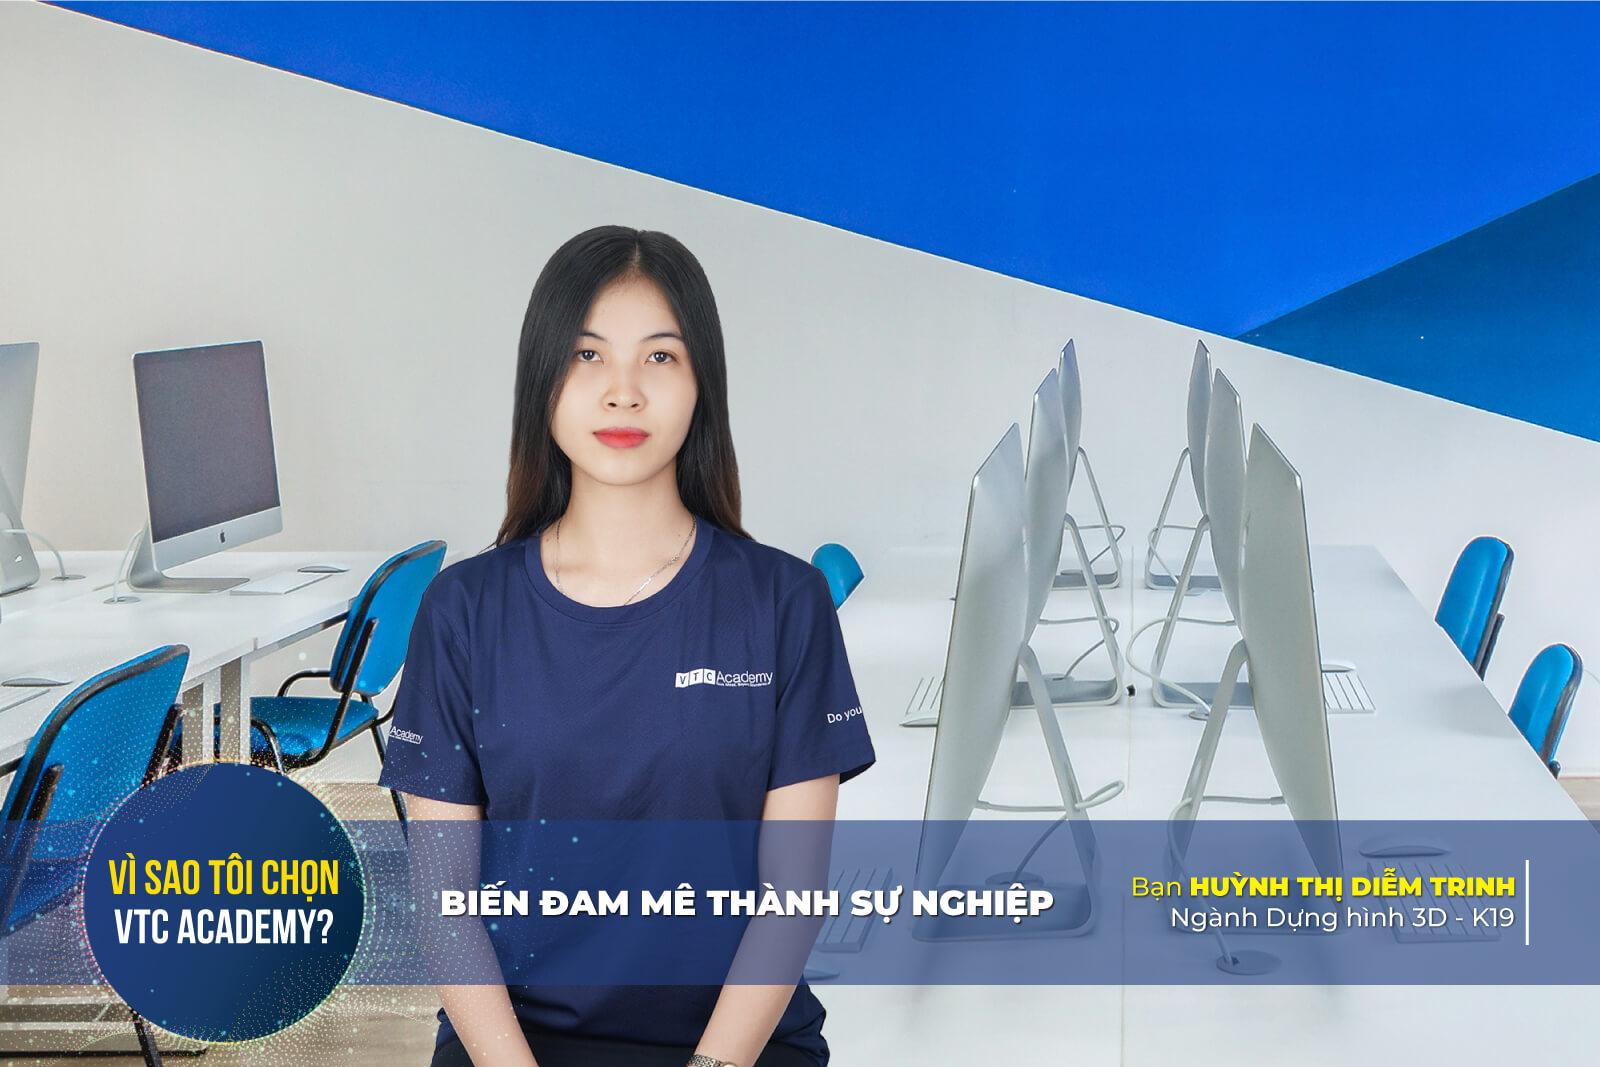 Trò chuyện cùng Diễm Trinh - Cô cử nhân quản trị kinh doanh quyết theo học Dựng hình 3D vì đam mê thiết kế